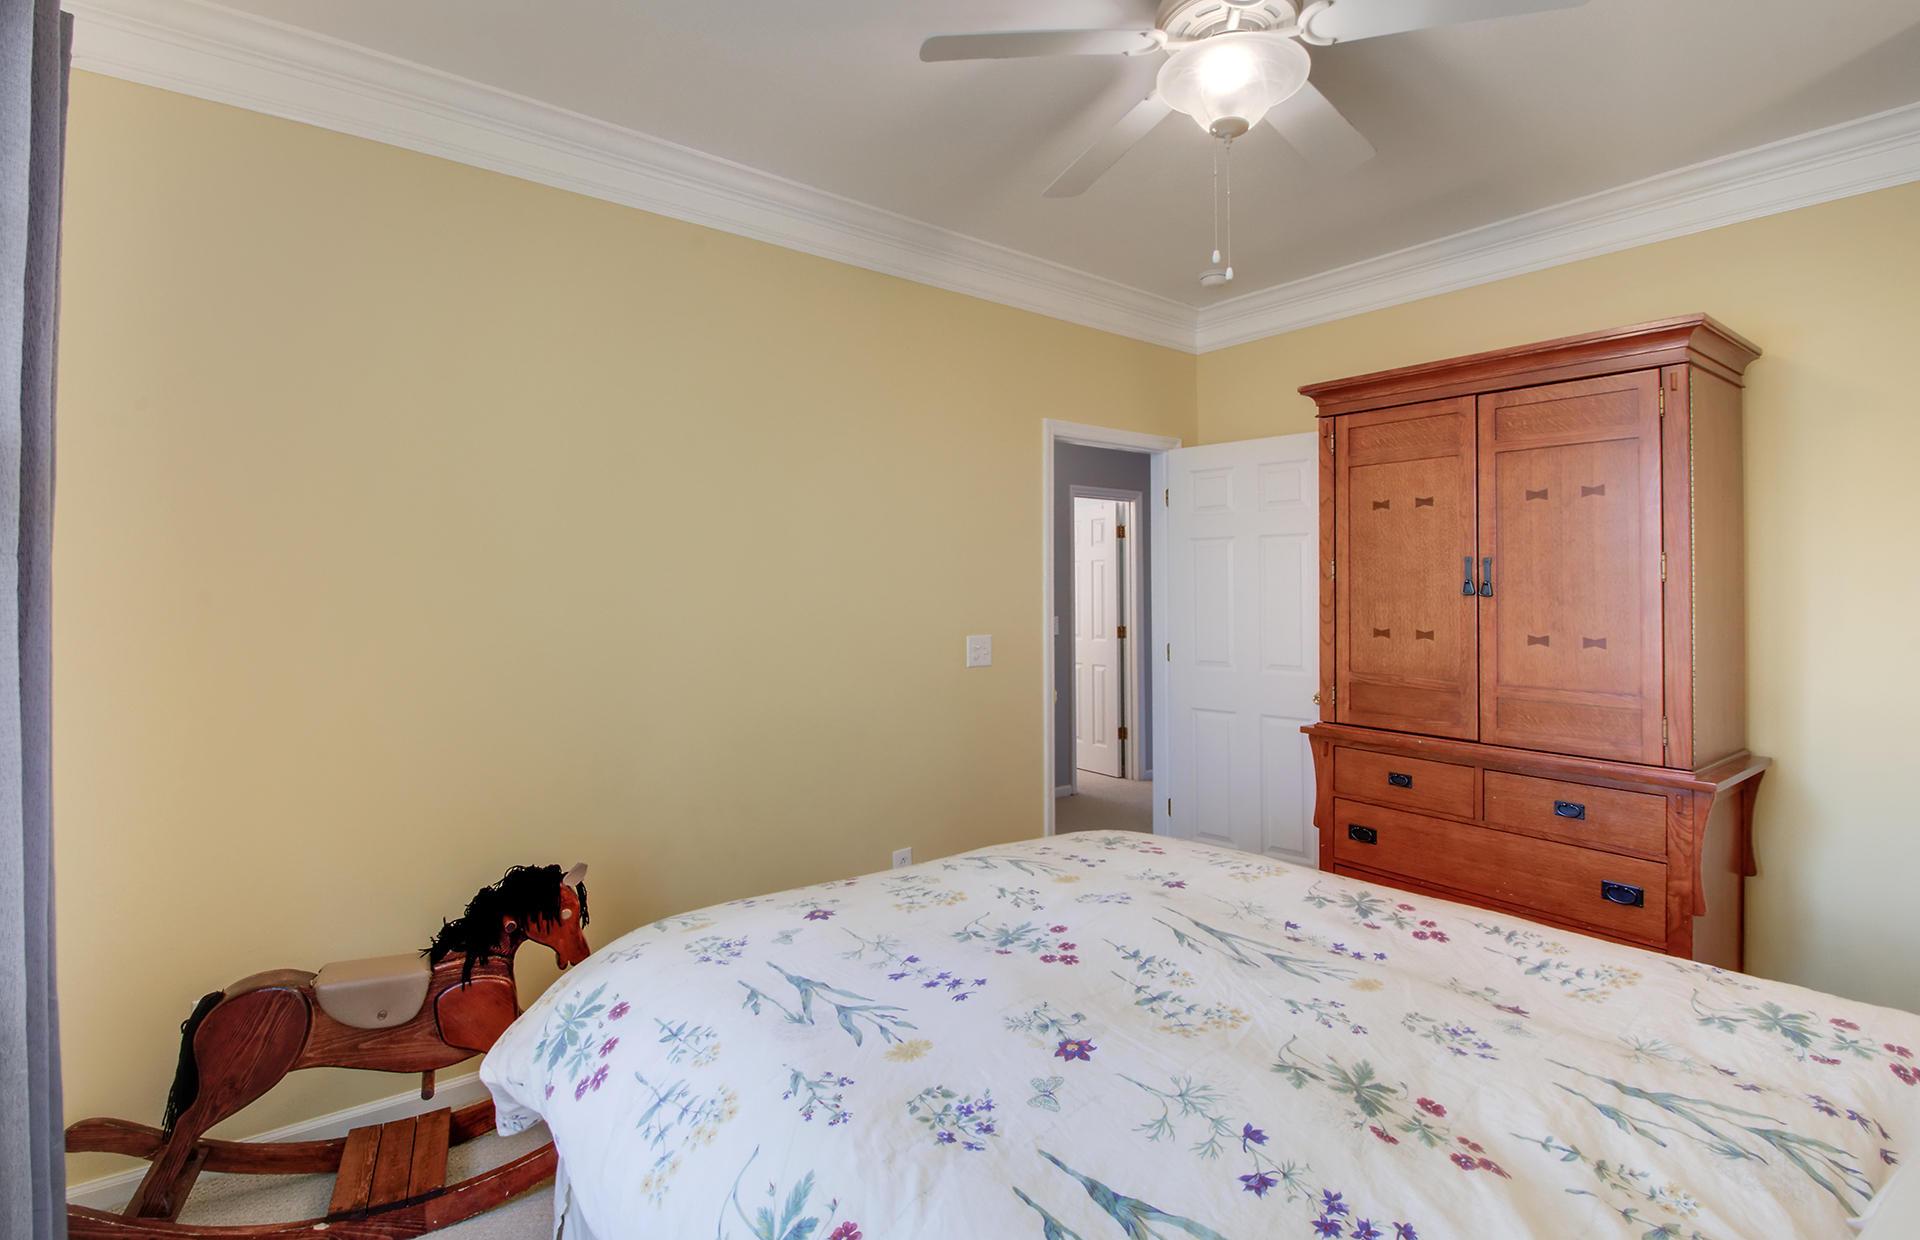 Park West Homes For Sale - 2500 Draymohr, Mount Pleasant, SC - 6